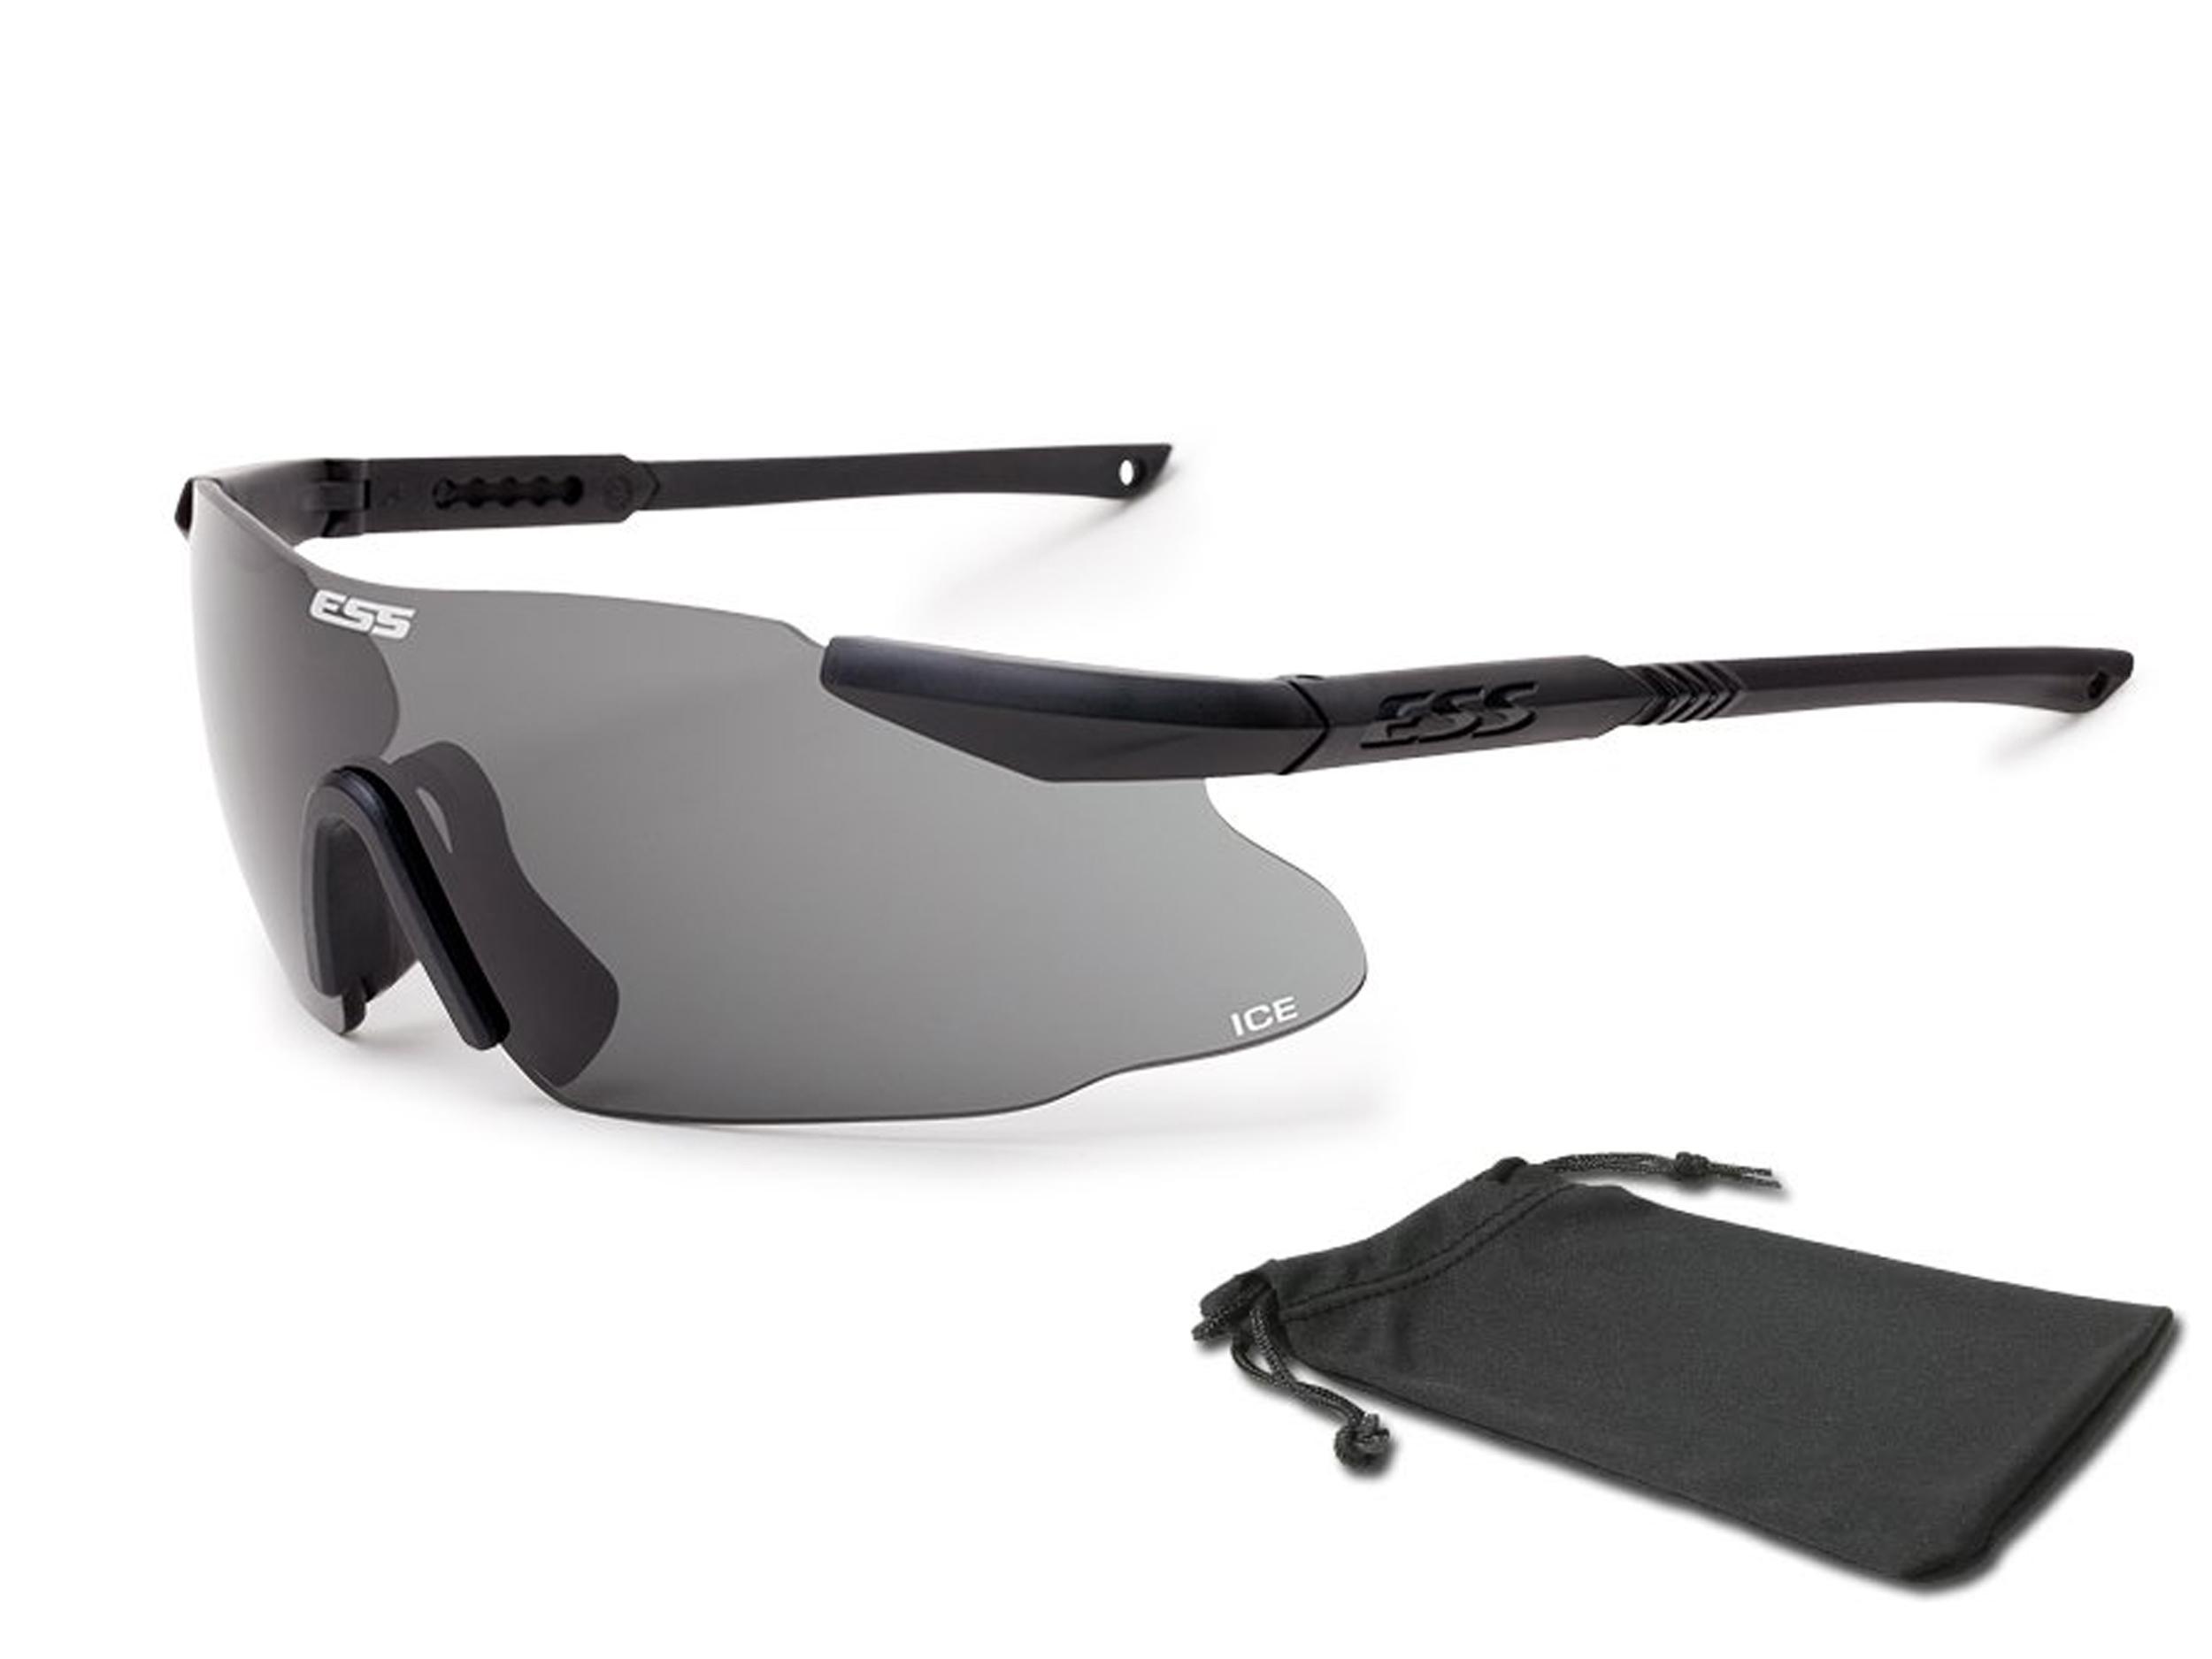 Okulary wojskowe Niska cena na Allegro.pl